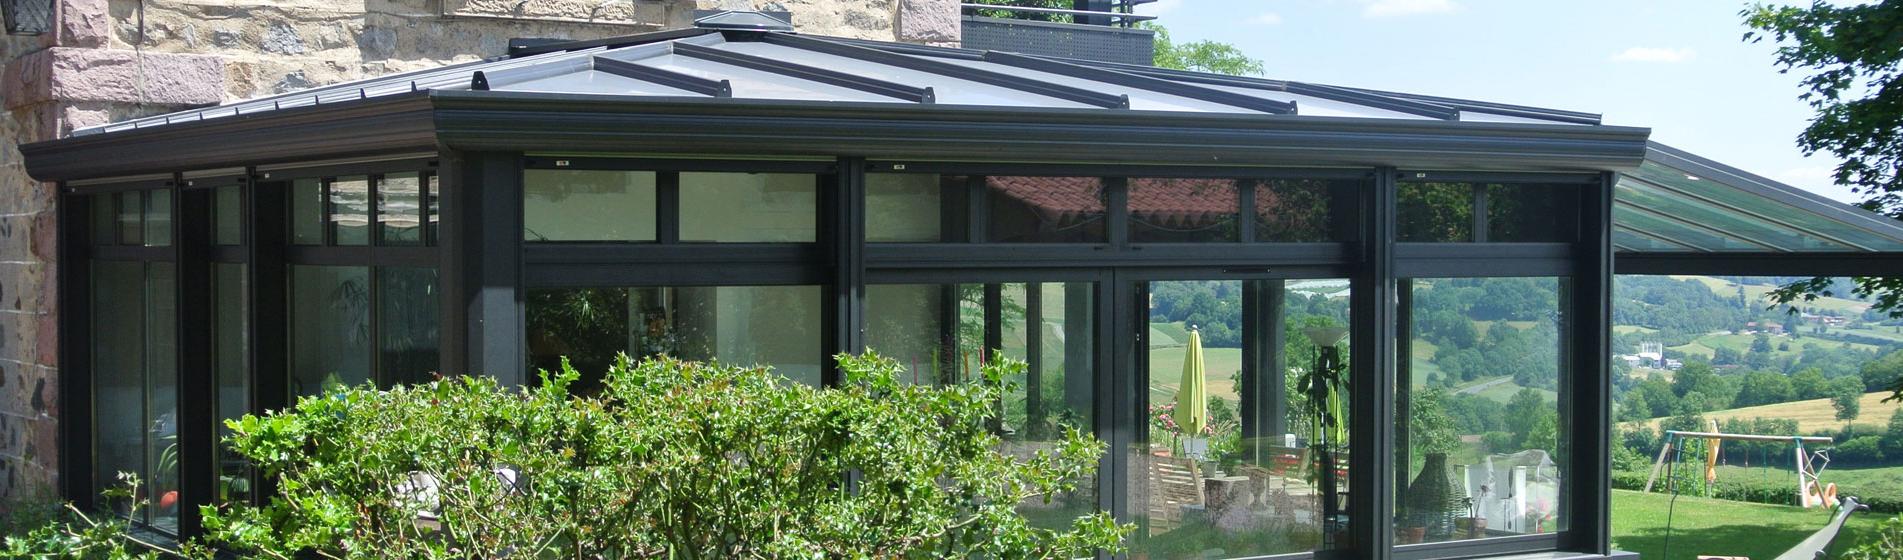 installer extension maison sur-mesure 84 Vaucluse